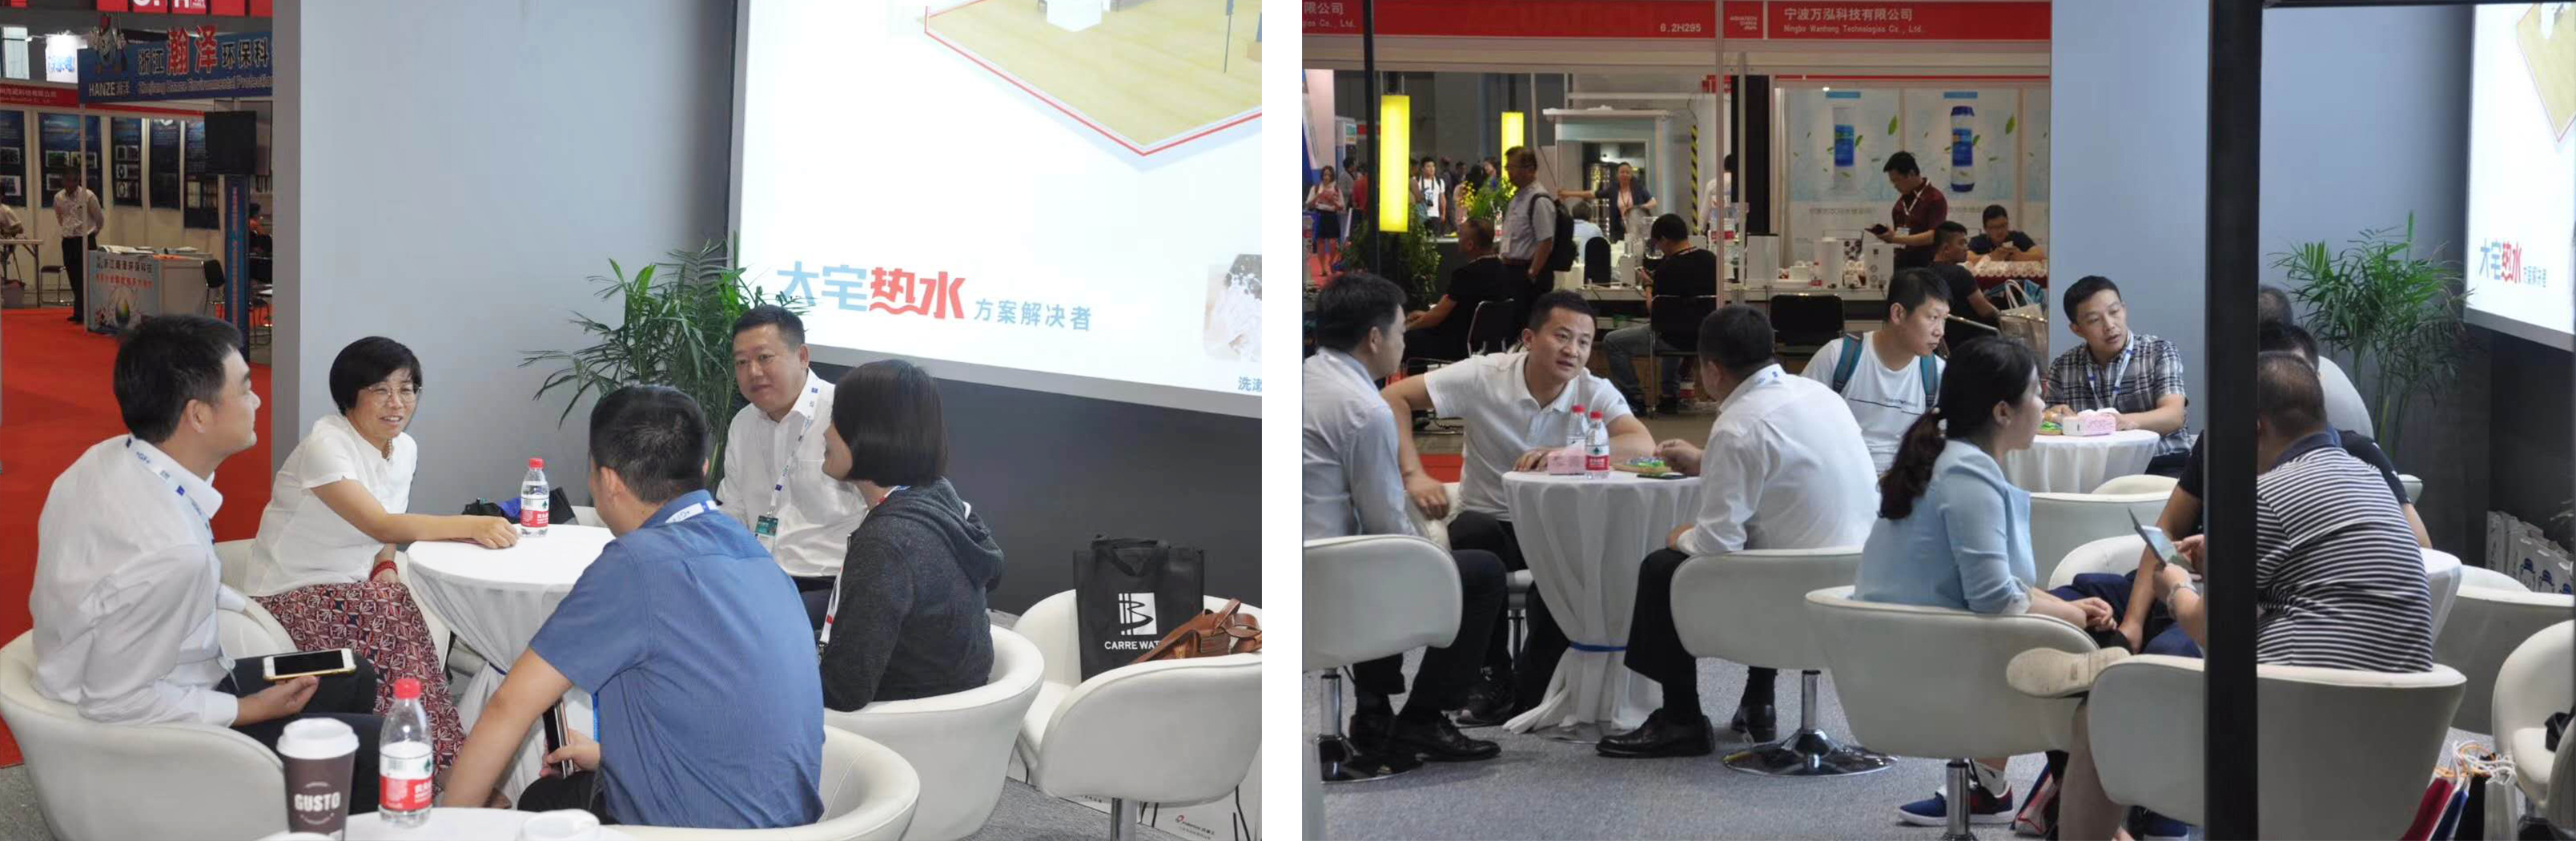 盛况空前-PURPOSE百富士一枝独秀上海国际建筑水展 展商动态 第7张